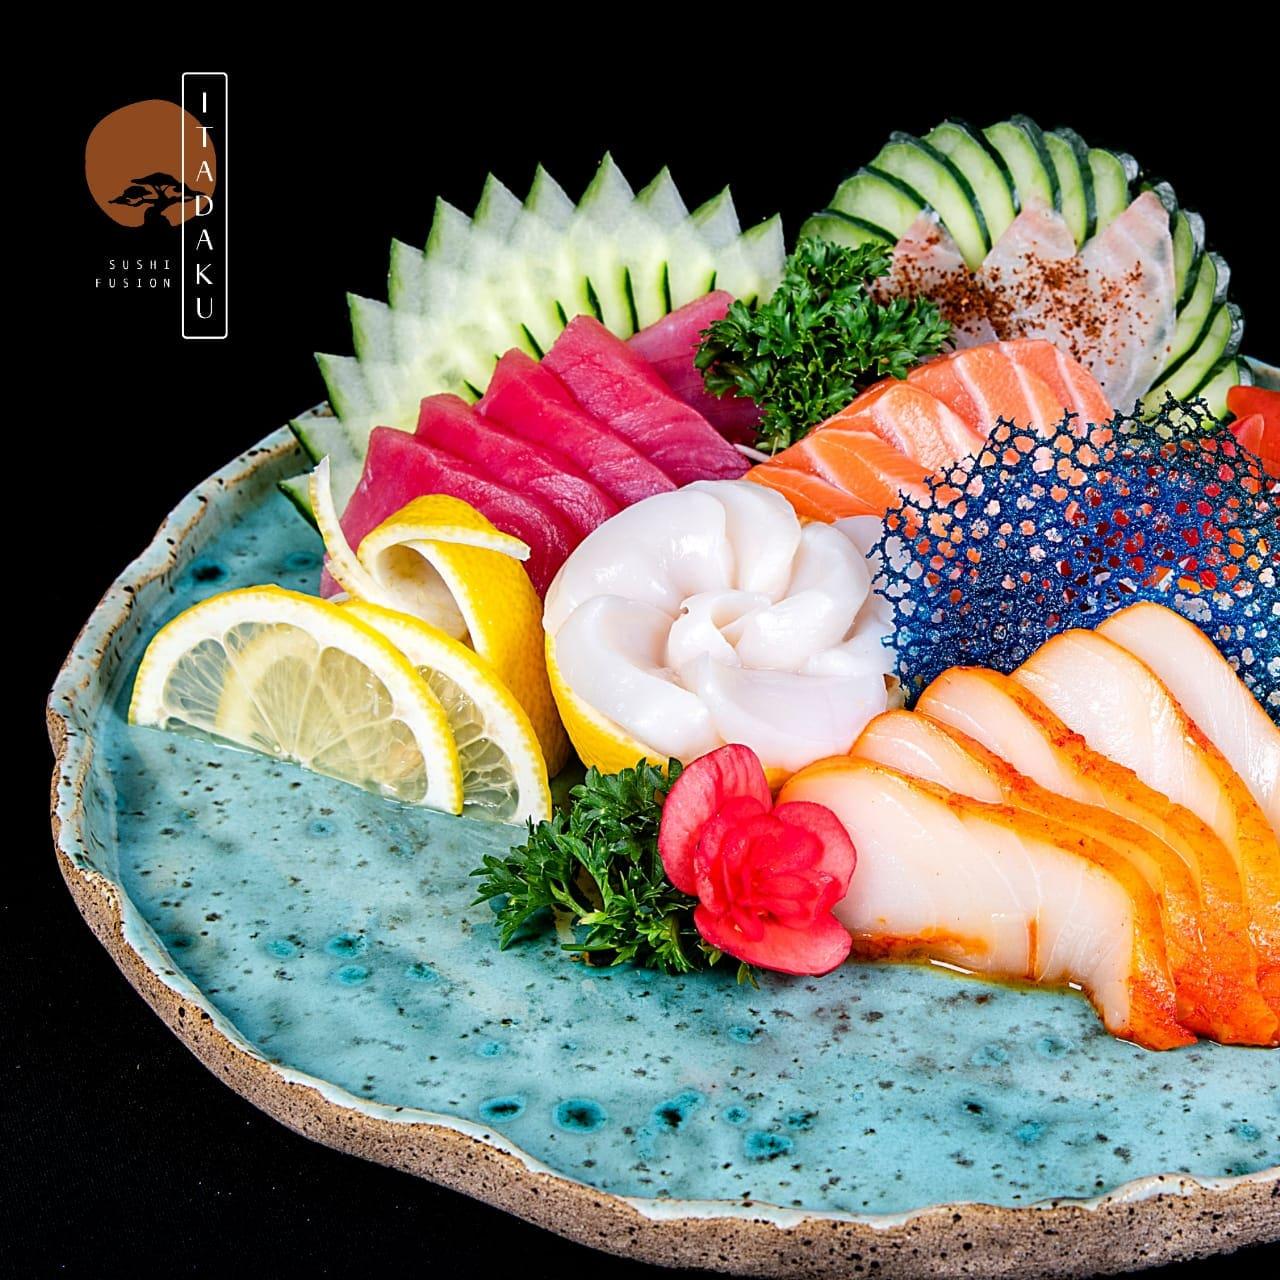 Itadaku Sushi Fusion (chef Cadu Ramos)